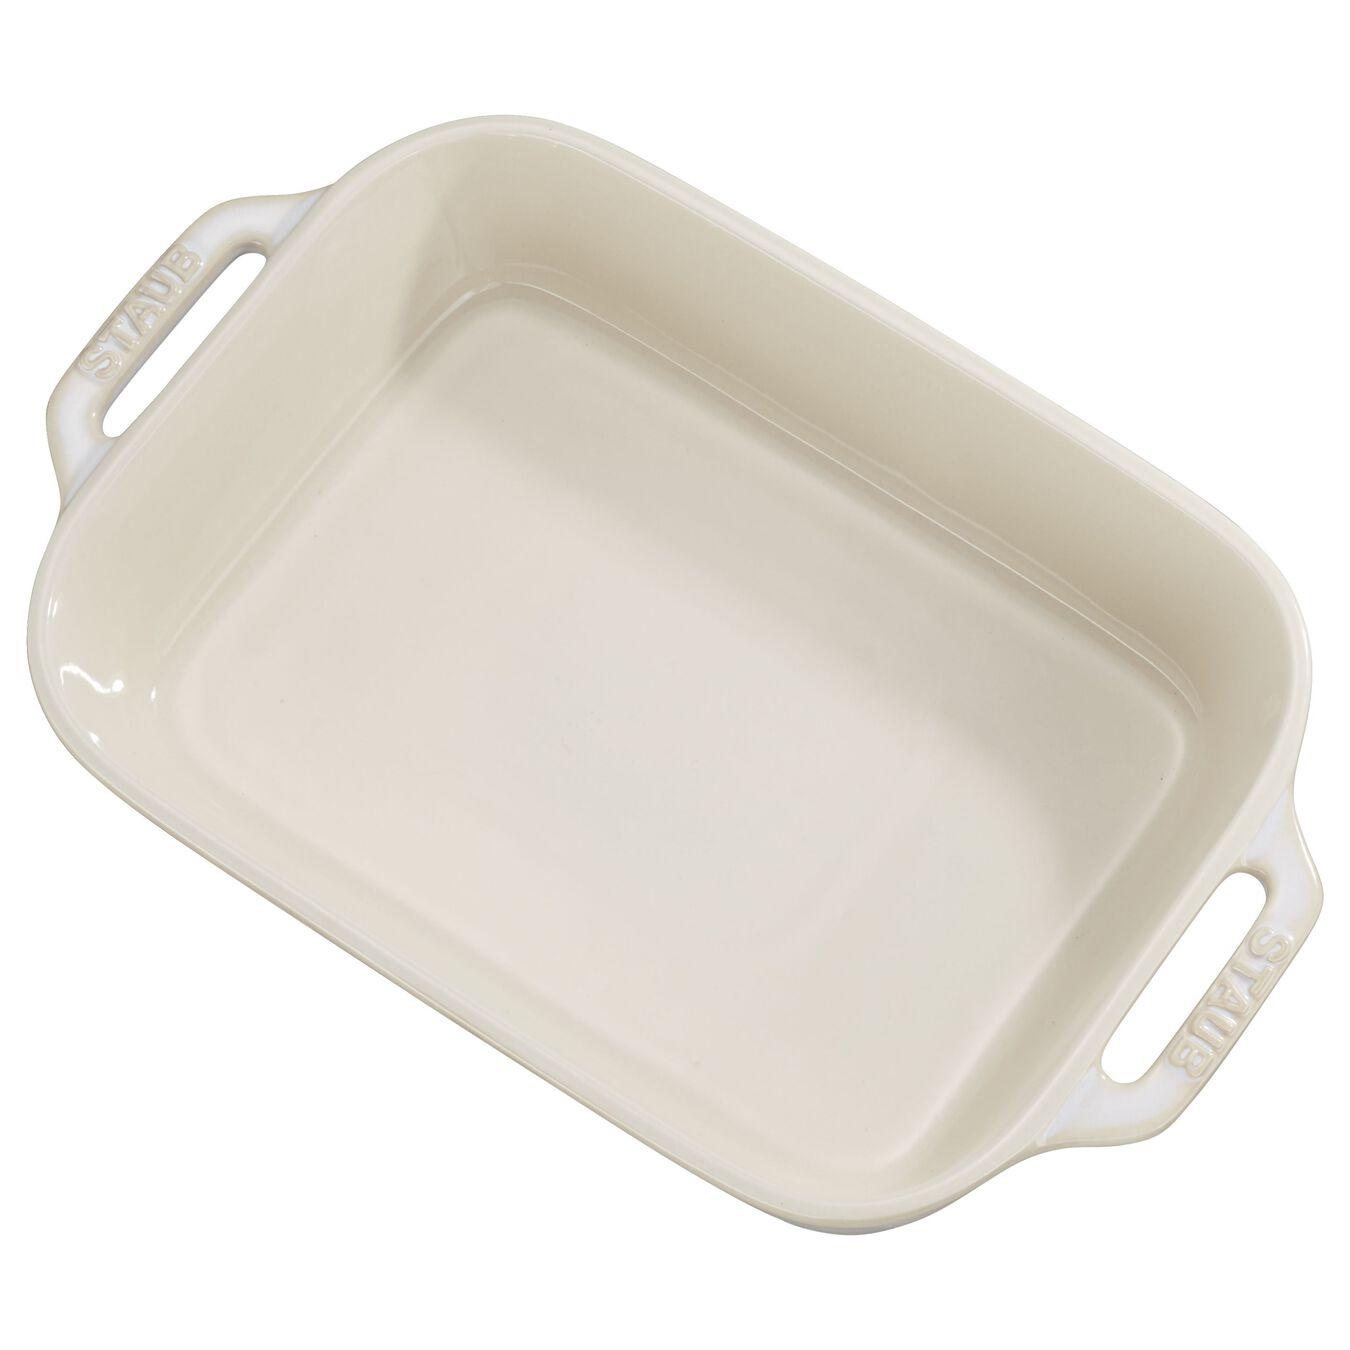 2-pc, Rectangular Baking Dish Set, ivory-white,,large 4